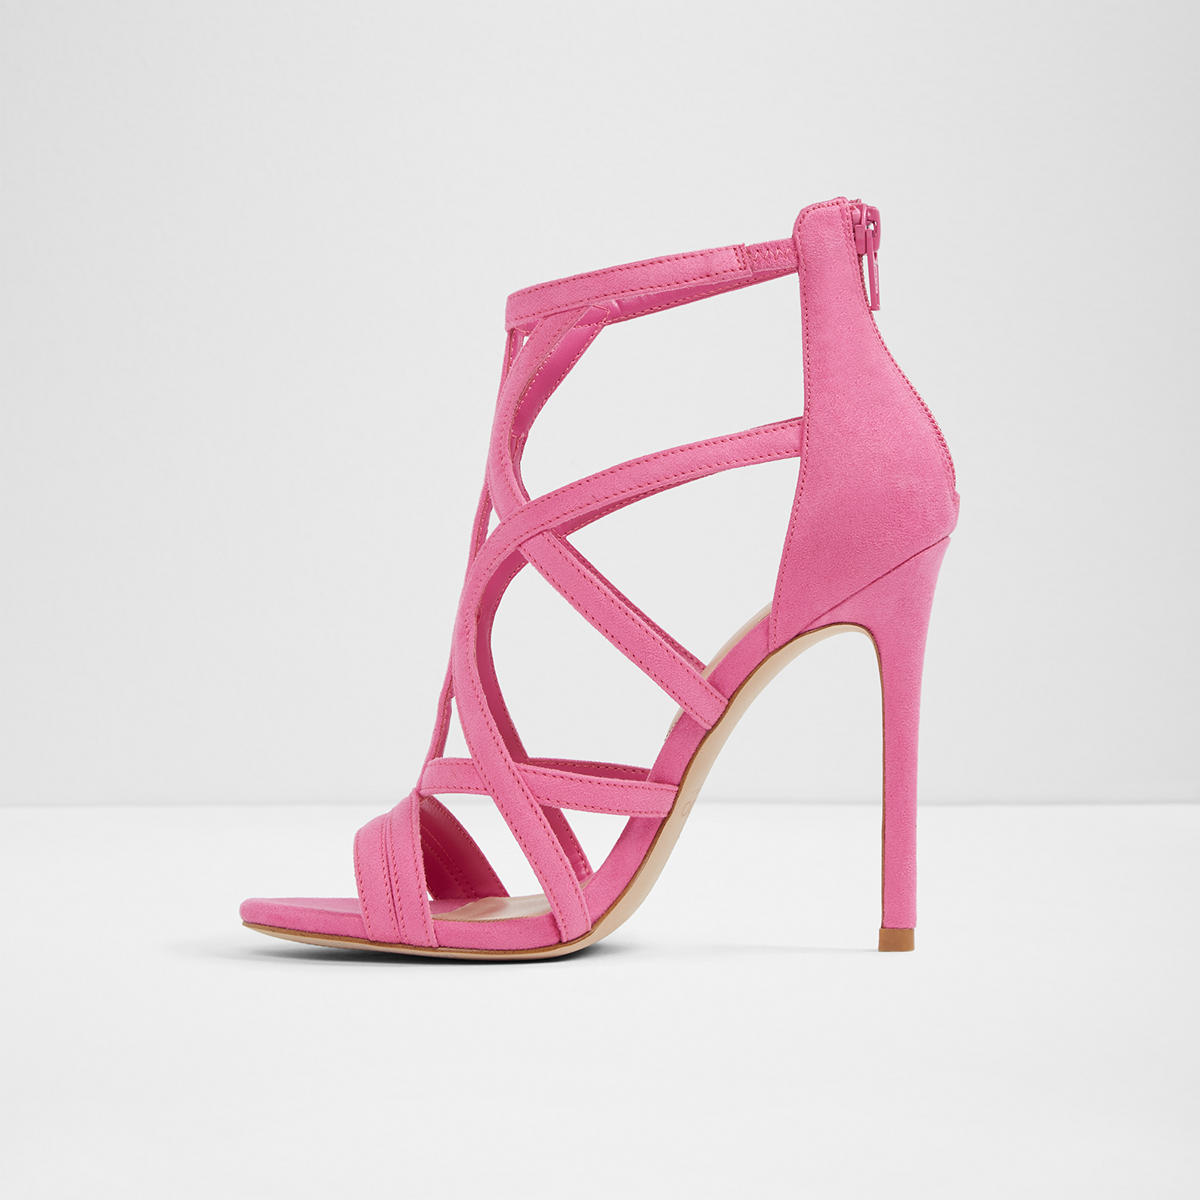 914b4fb85a9f Tifania Fuschia Women s High heels